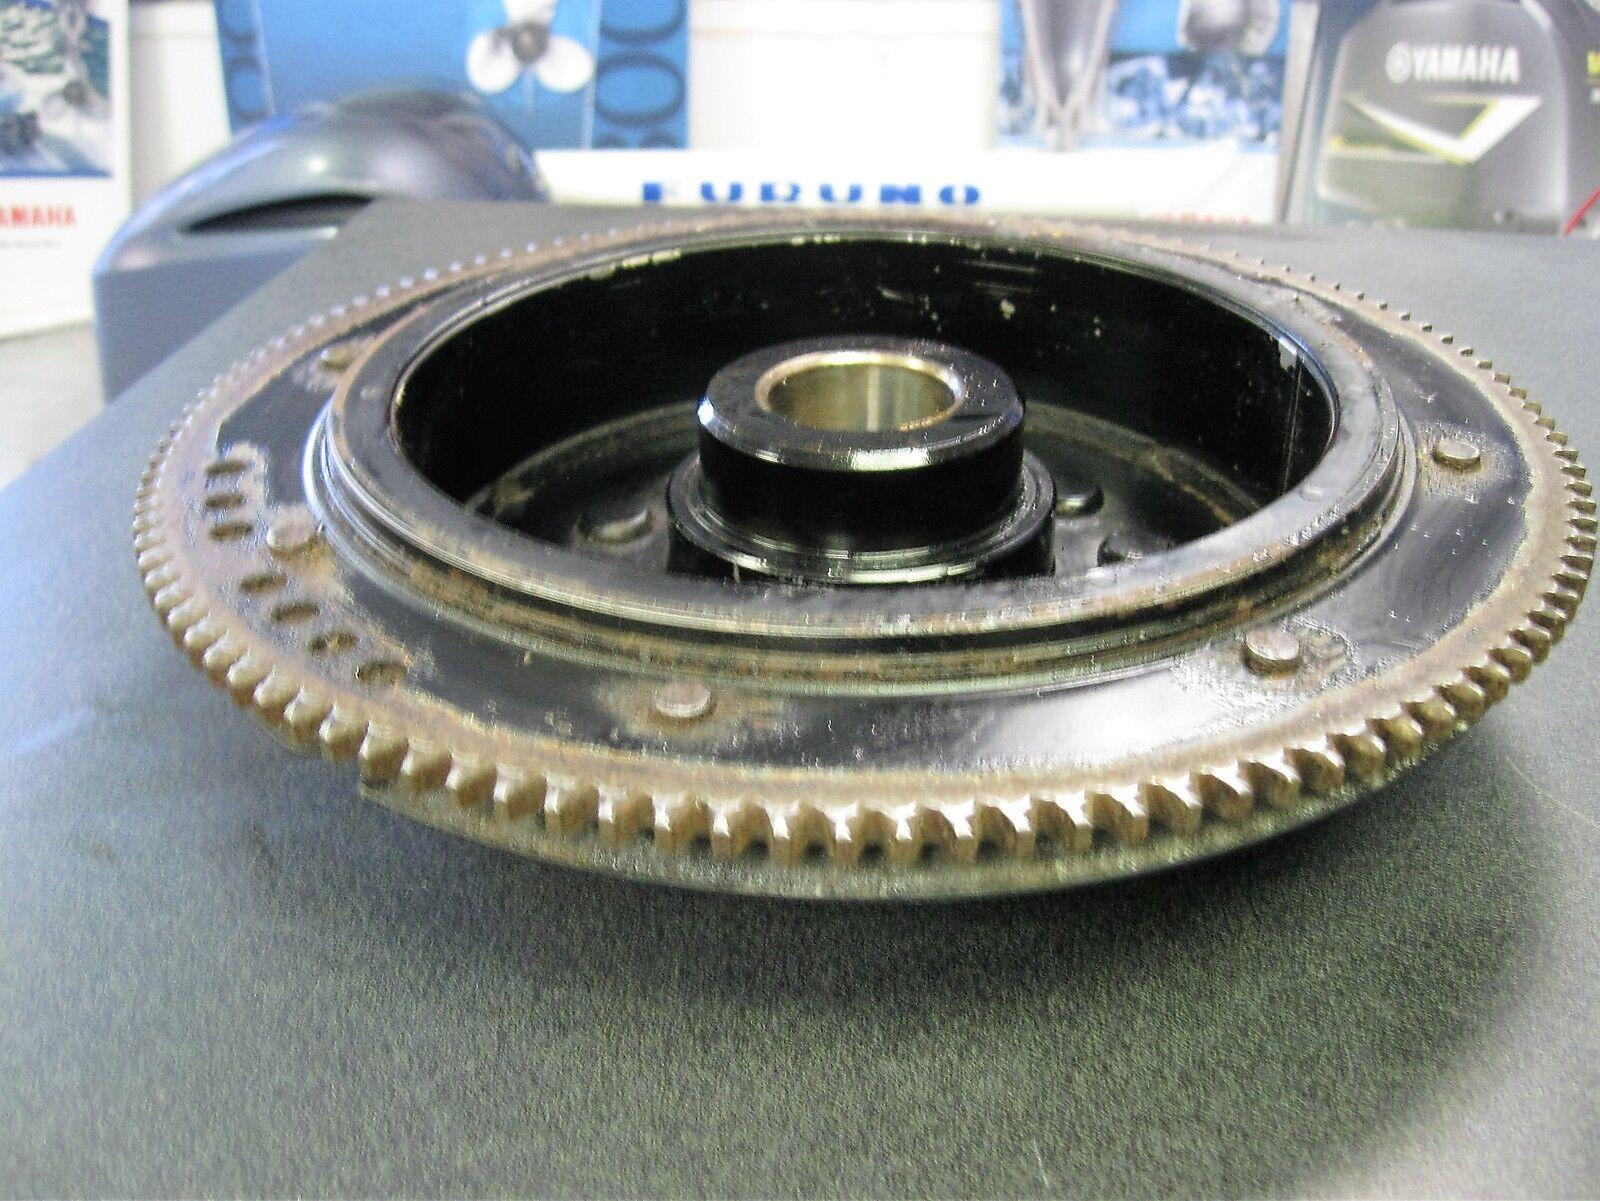 Yamaha Außenborder 61A-85550-01-00 S225 Rotor Montage 61A-85550-01-00 Außenborder 958425